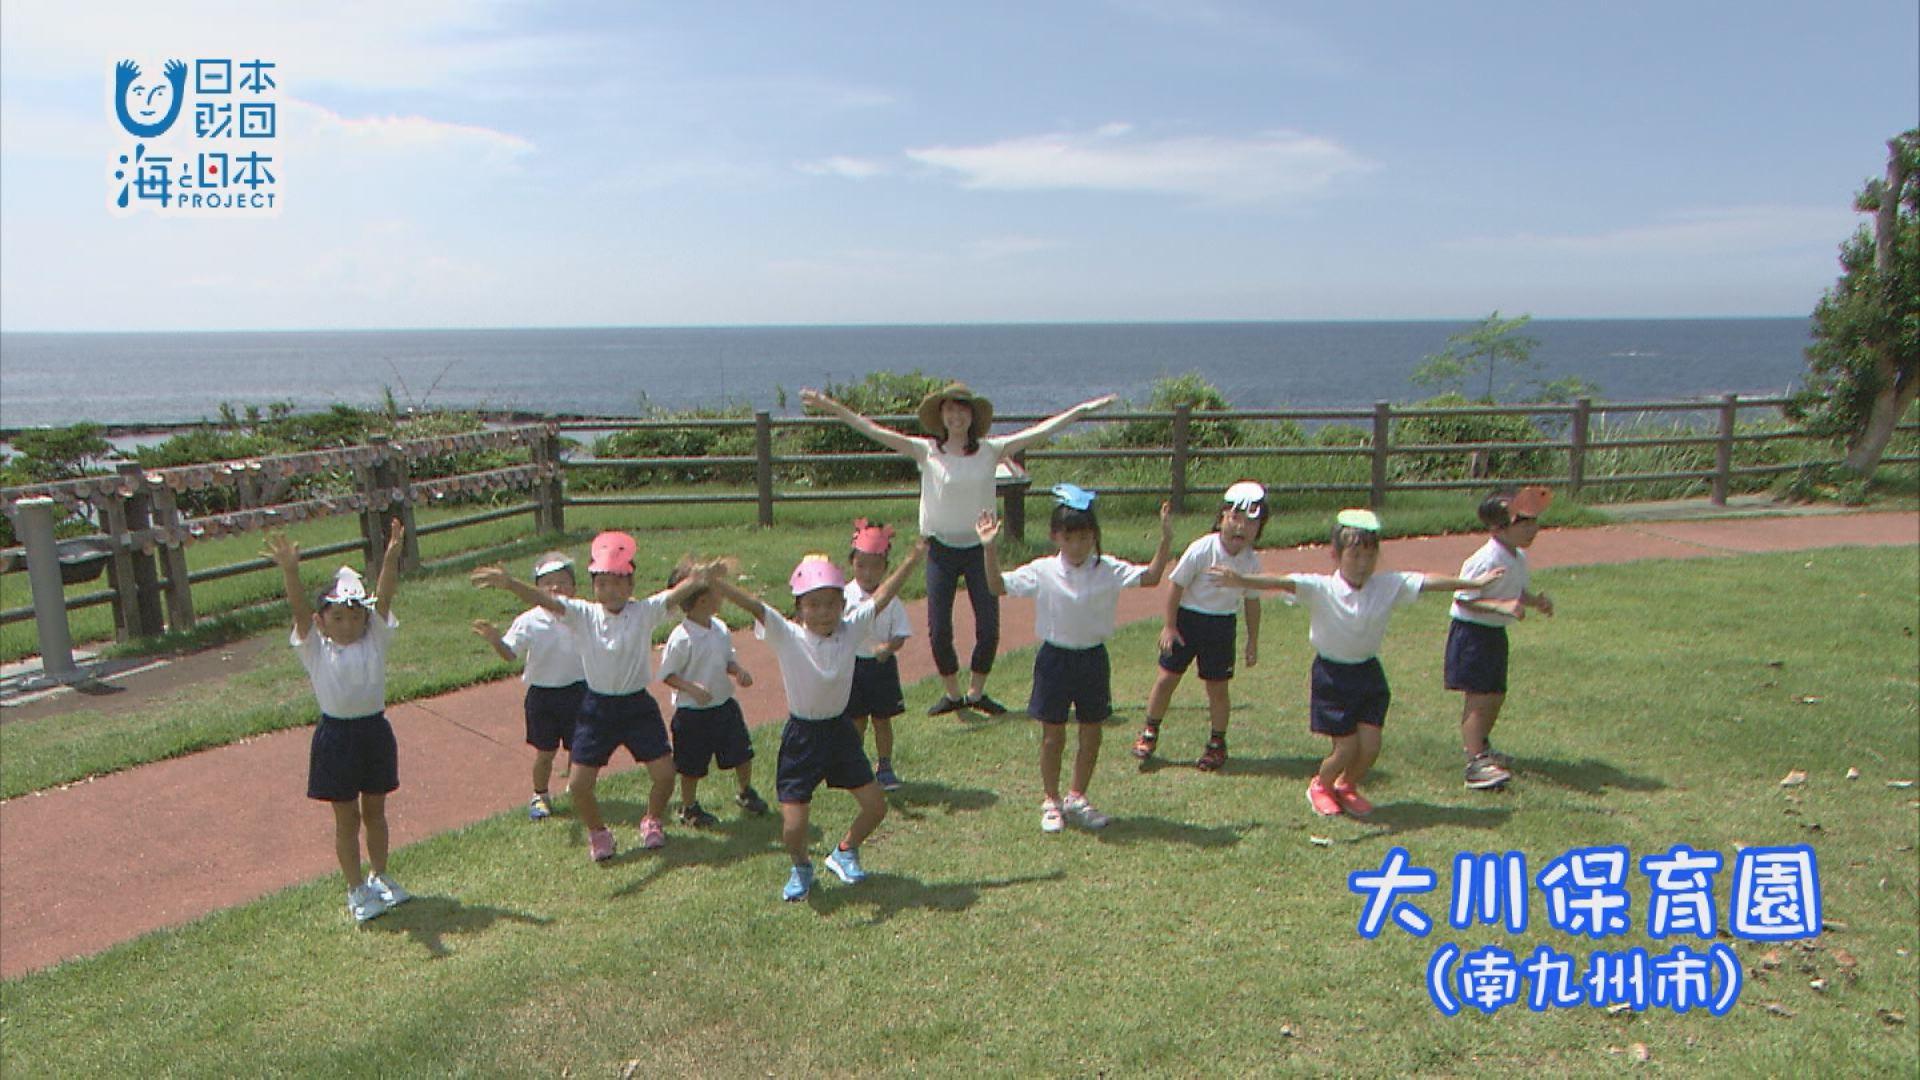 海と日本PROJECTin鹿児島!「#27 レッツ!海ダンス~鹿児島」